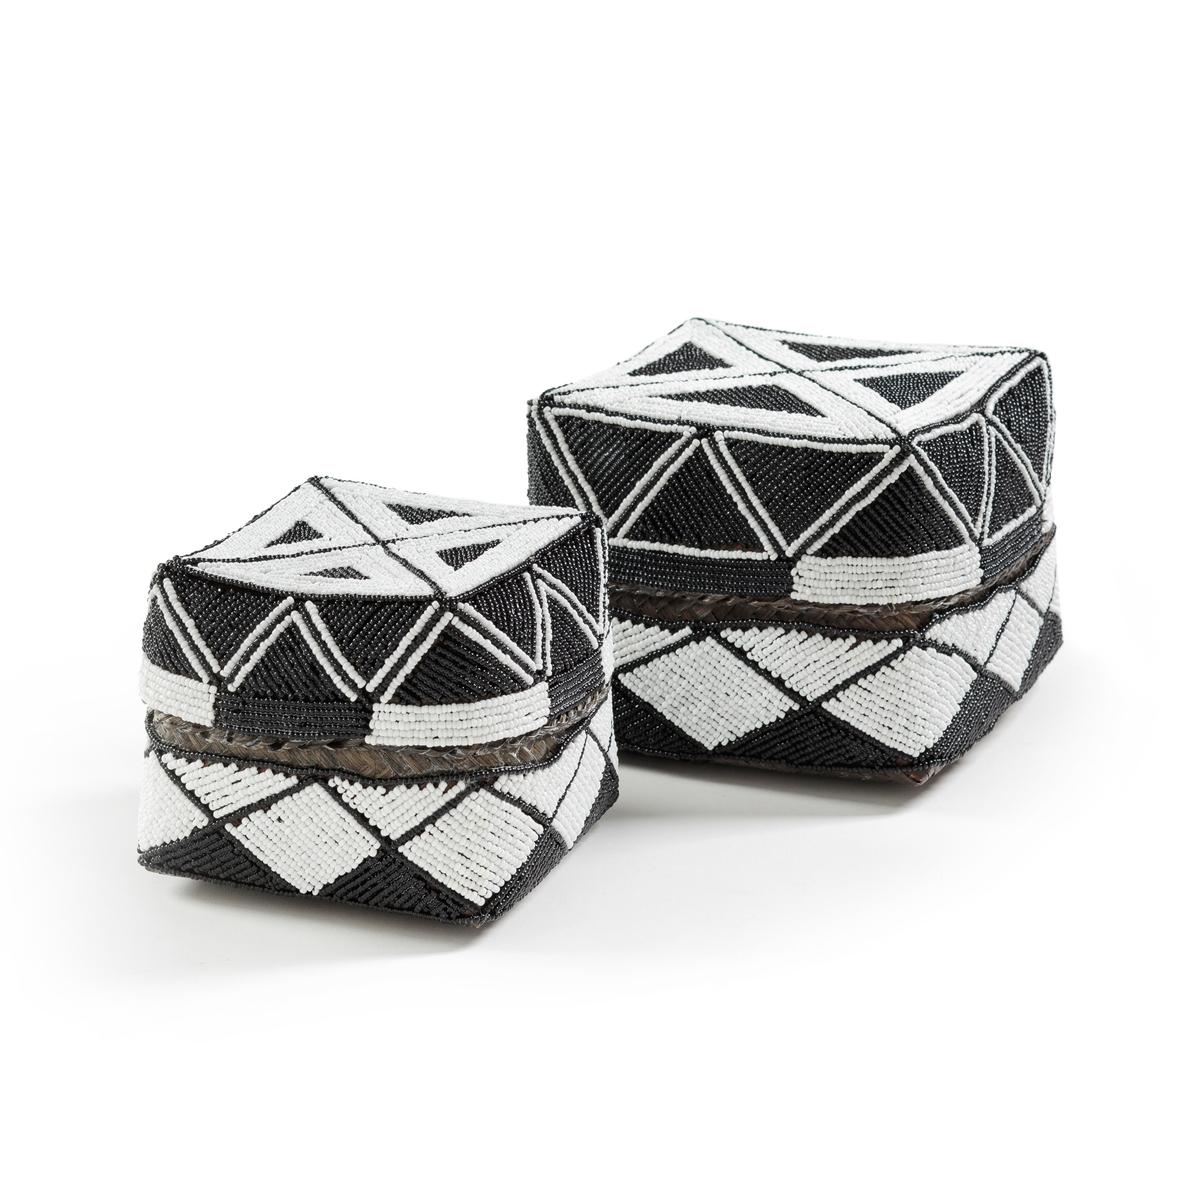 Коробка широкая для хранения. 21 см, AuxaneКоробка для хранения Auxane. Из бамбука с красивым рисунком из приклеенных бусин. Традиционно используемая для пожертвований богам во время традиционных церемоний жителей острова Бали, эта коробка изготовлена вручную в Индонезии. Каждое изделие уникально. Размеры: Ш21 x В12 x Г21 см.<br><br>Цвет: черный/ белый